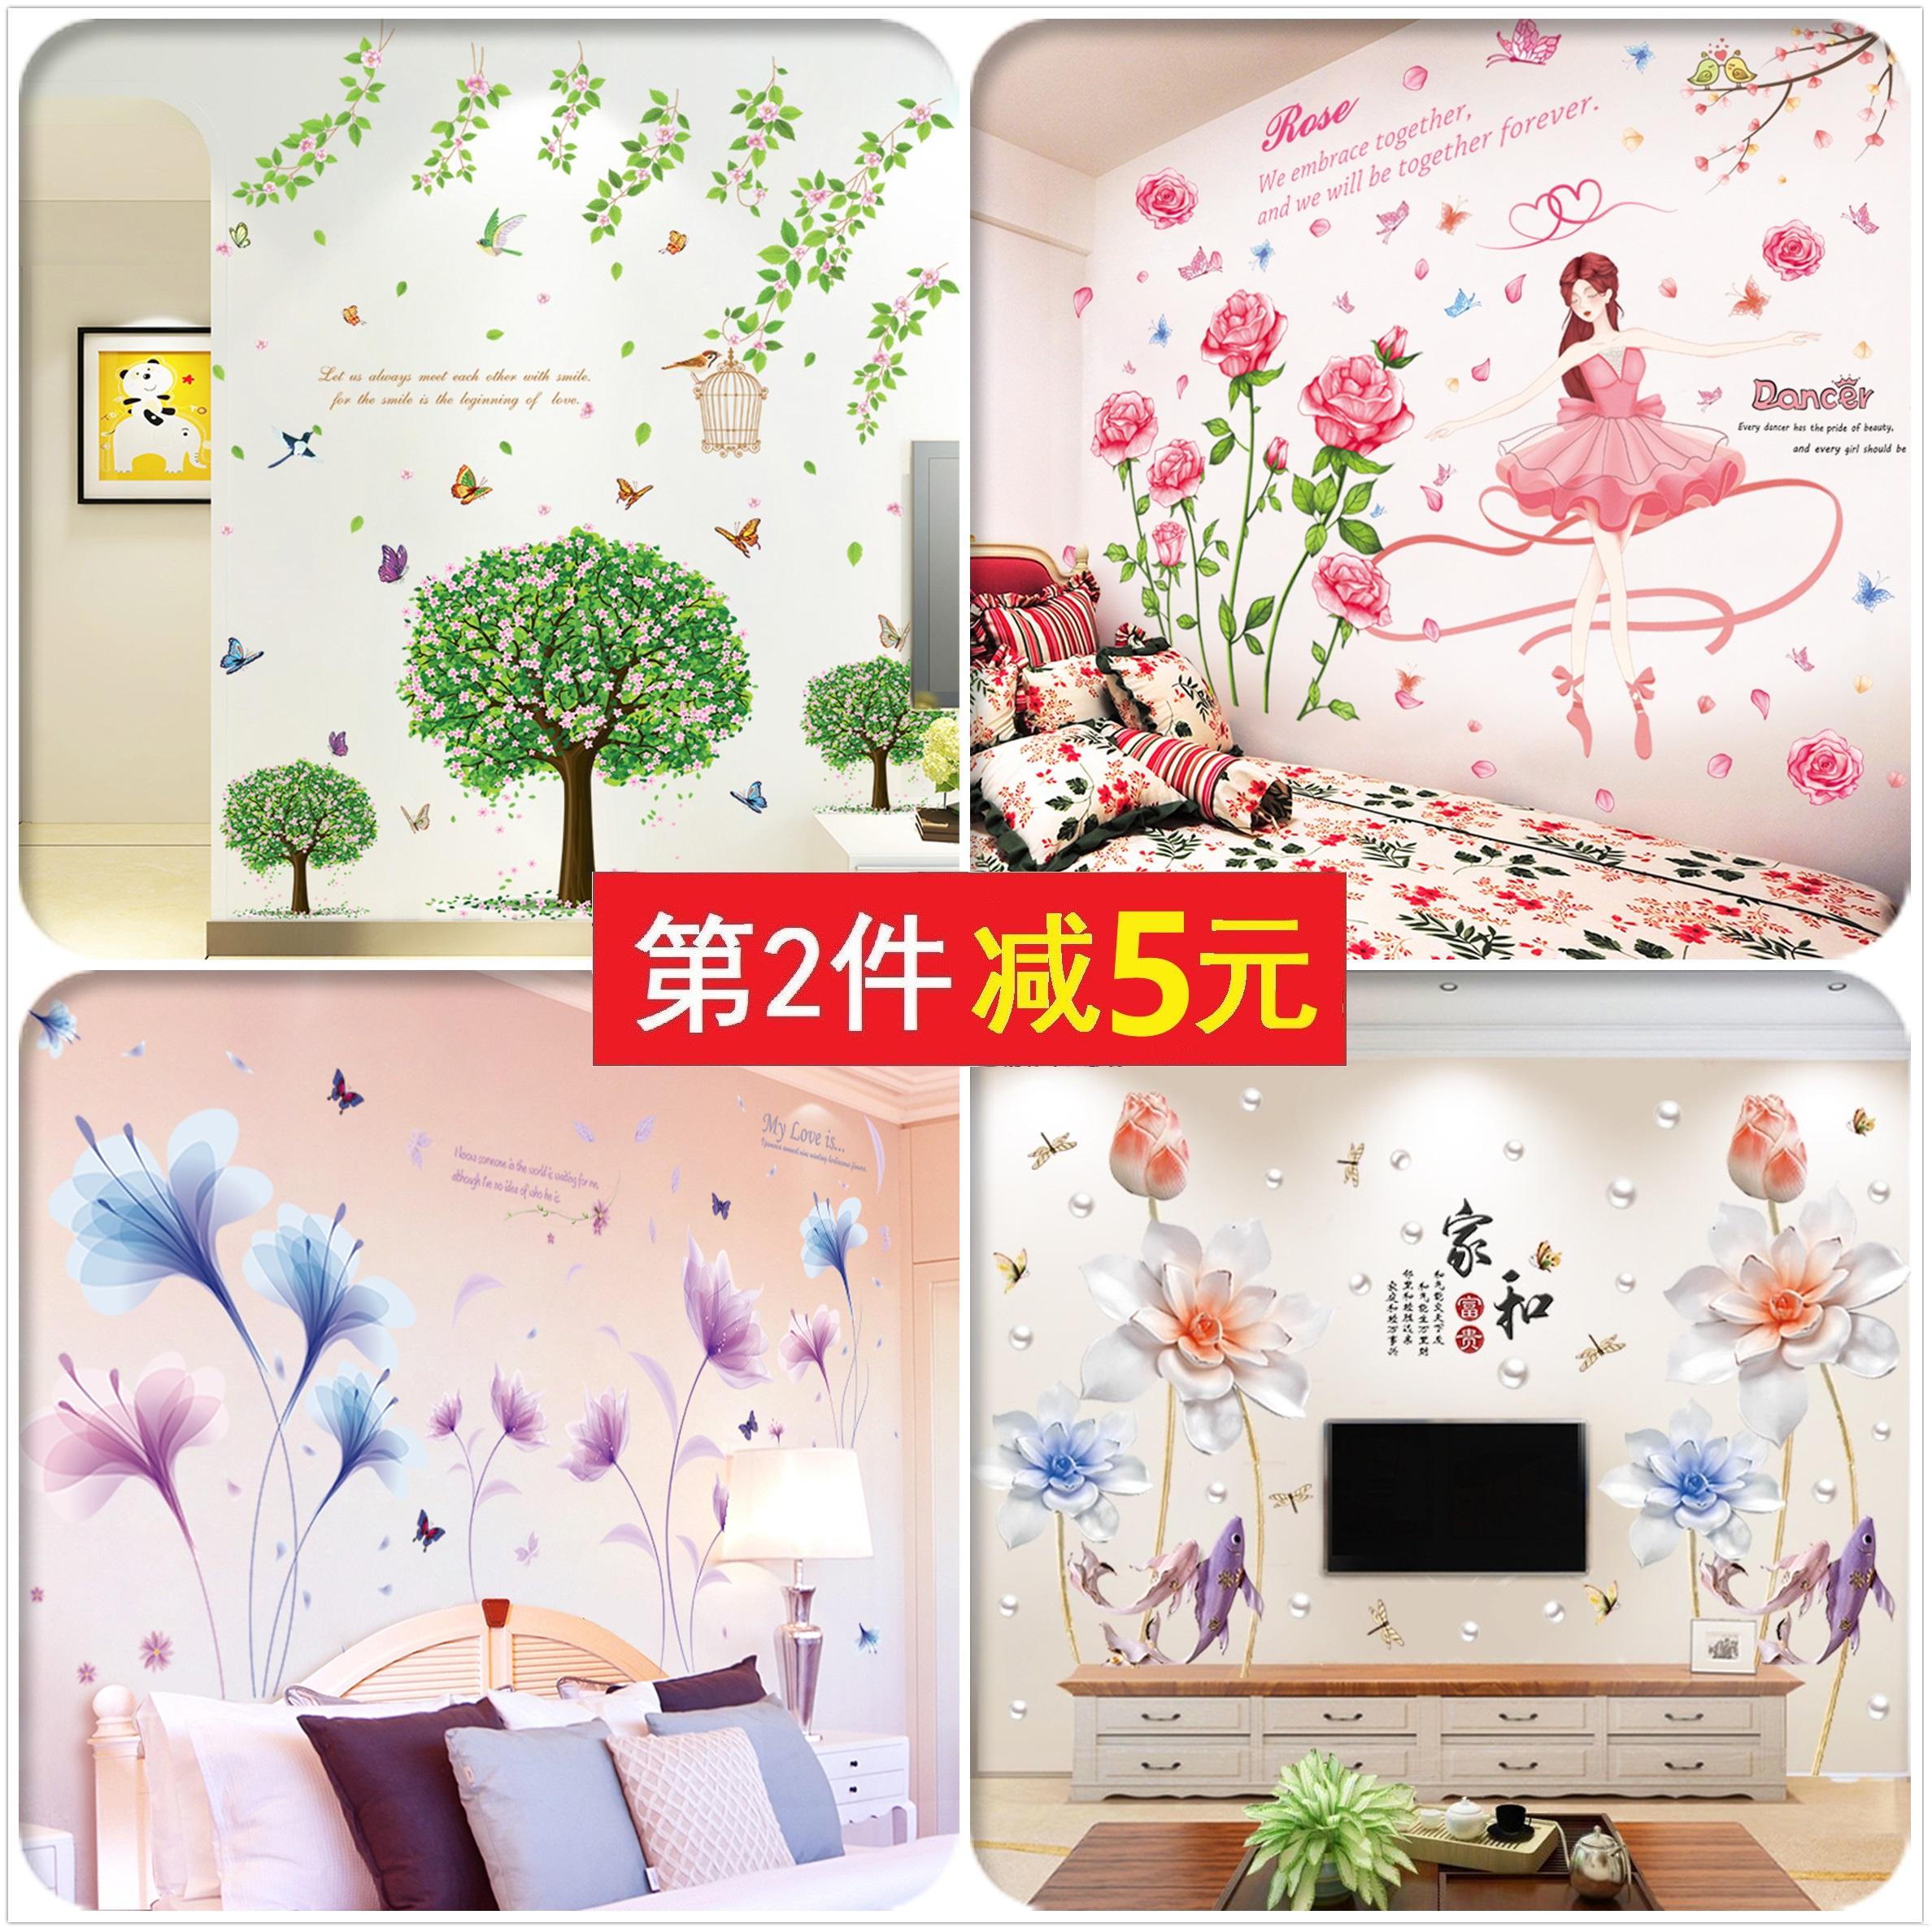 网红出租屋改造温馨贴画房间卧室墙面装饰墙纸自粘电视背景墙贴纸